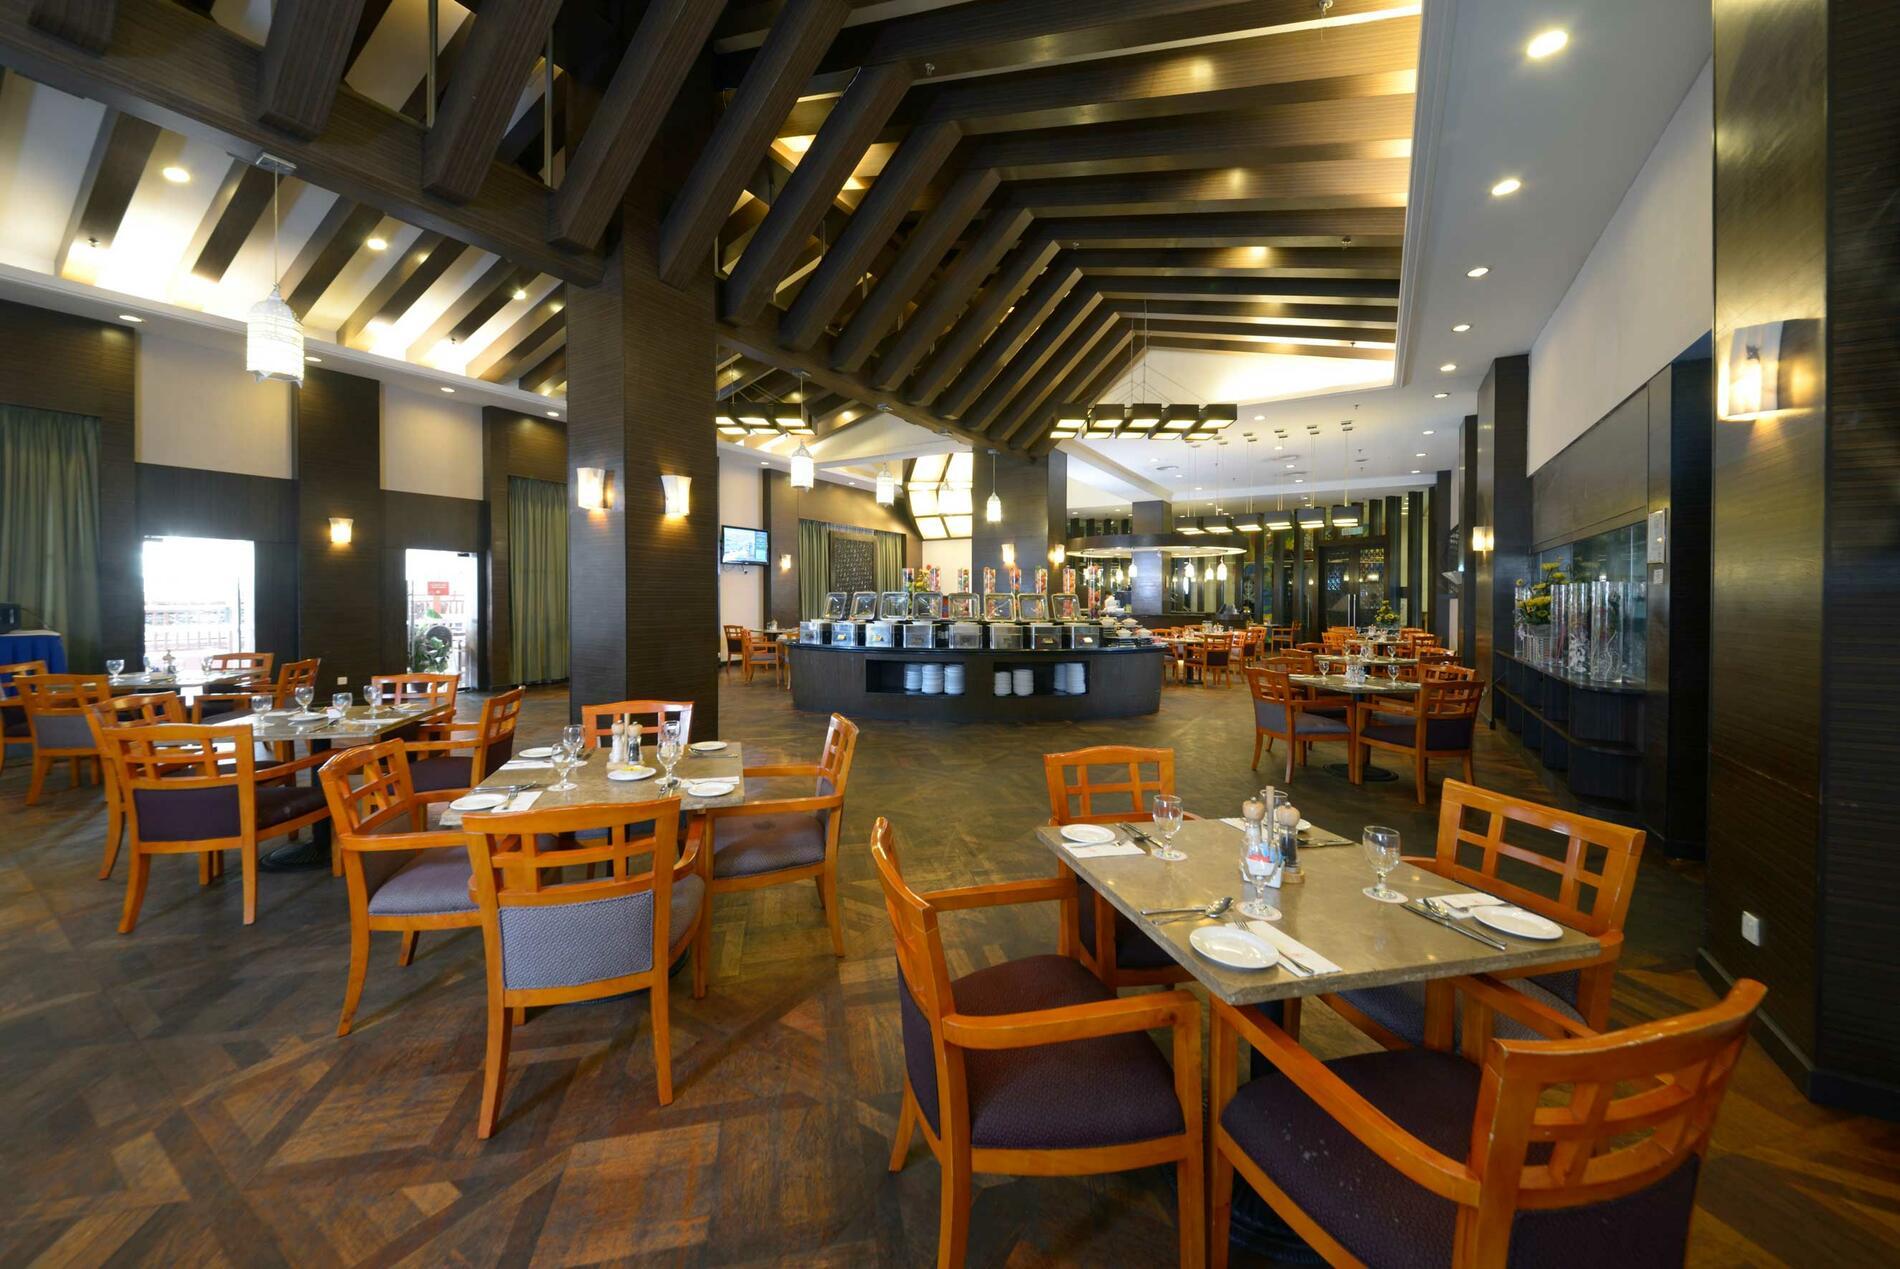 Dining | The Best Of Port Dickson Restaurant & Bars | Grand Lexi